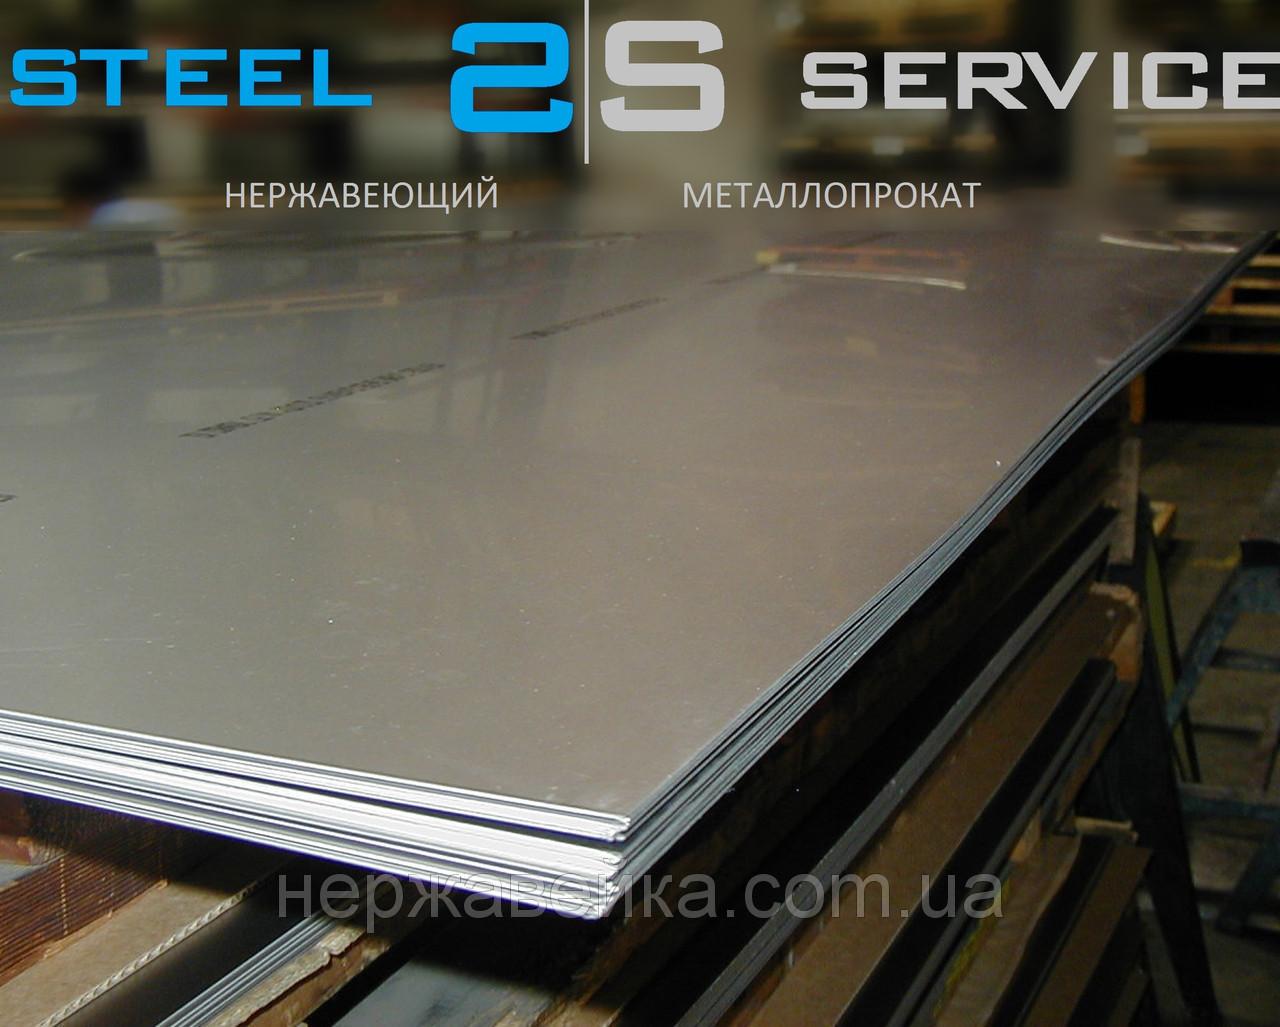 Нержавейка лист 14х1250х2500мм  AISI 321(08Х18Н10Т) F1 - горячекатанный,  пищевой